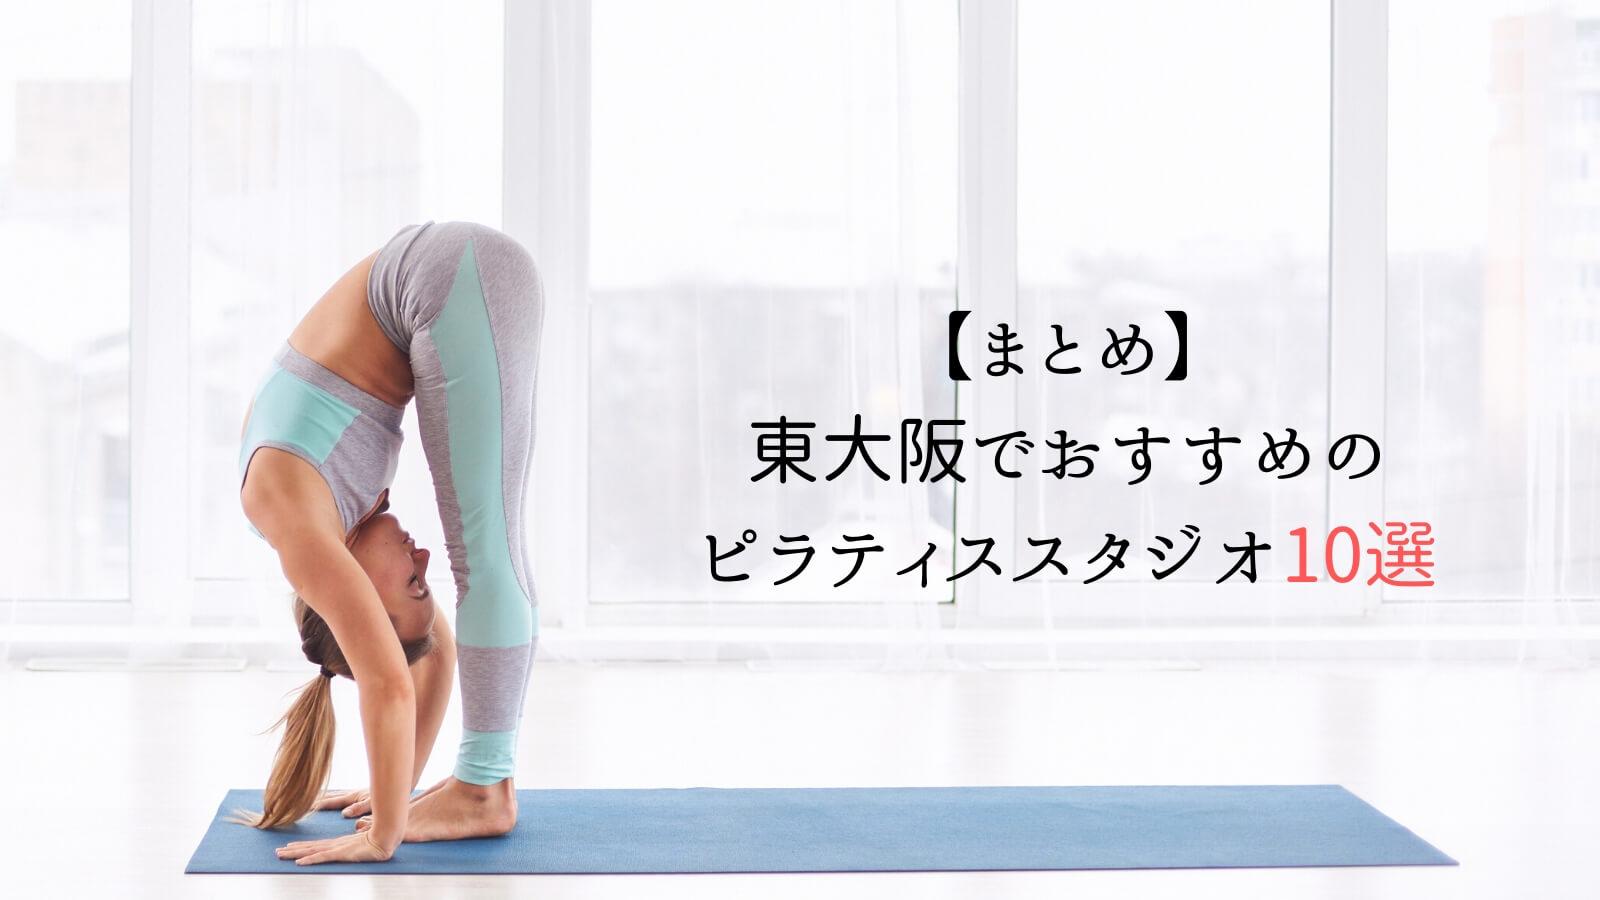 【まとめ】東大阪でおすすめのヨガ・ピラティススタジオ10選